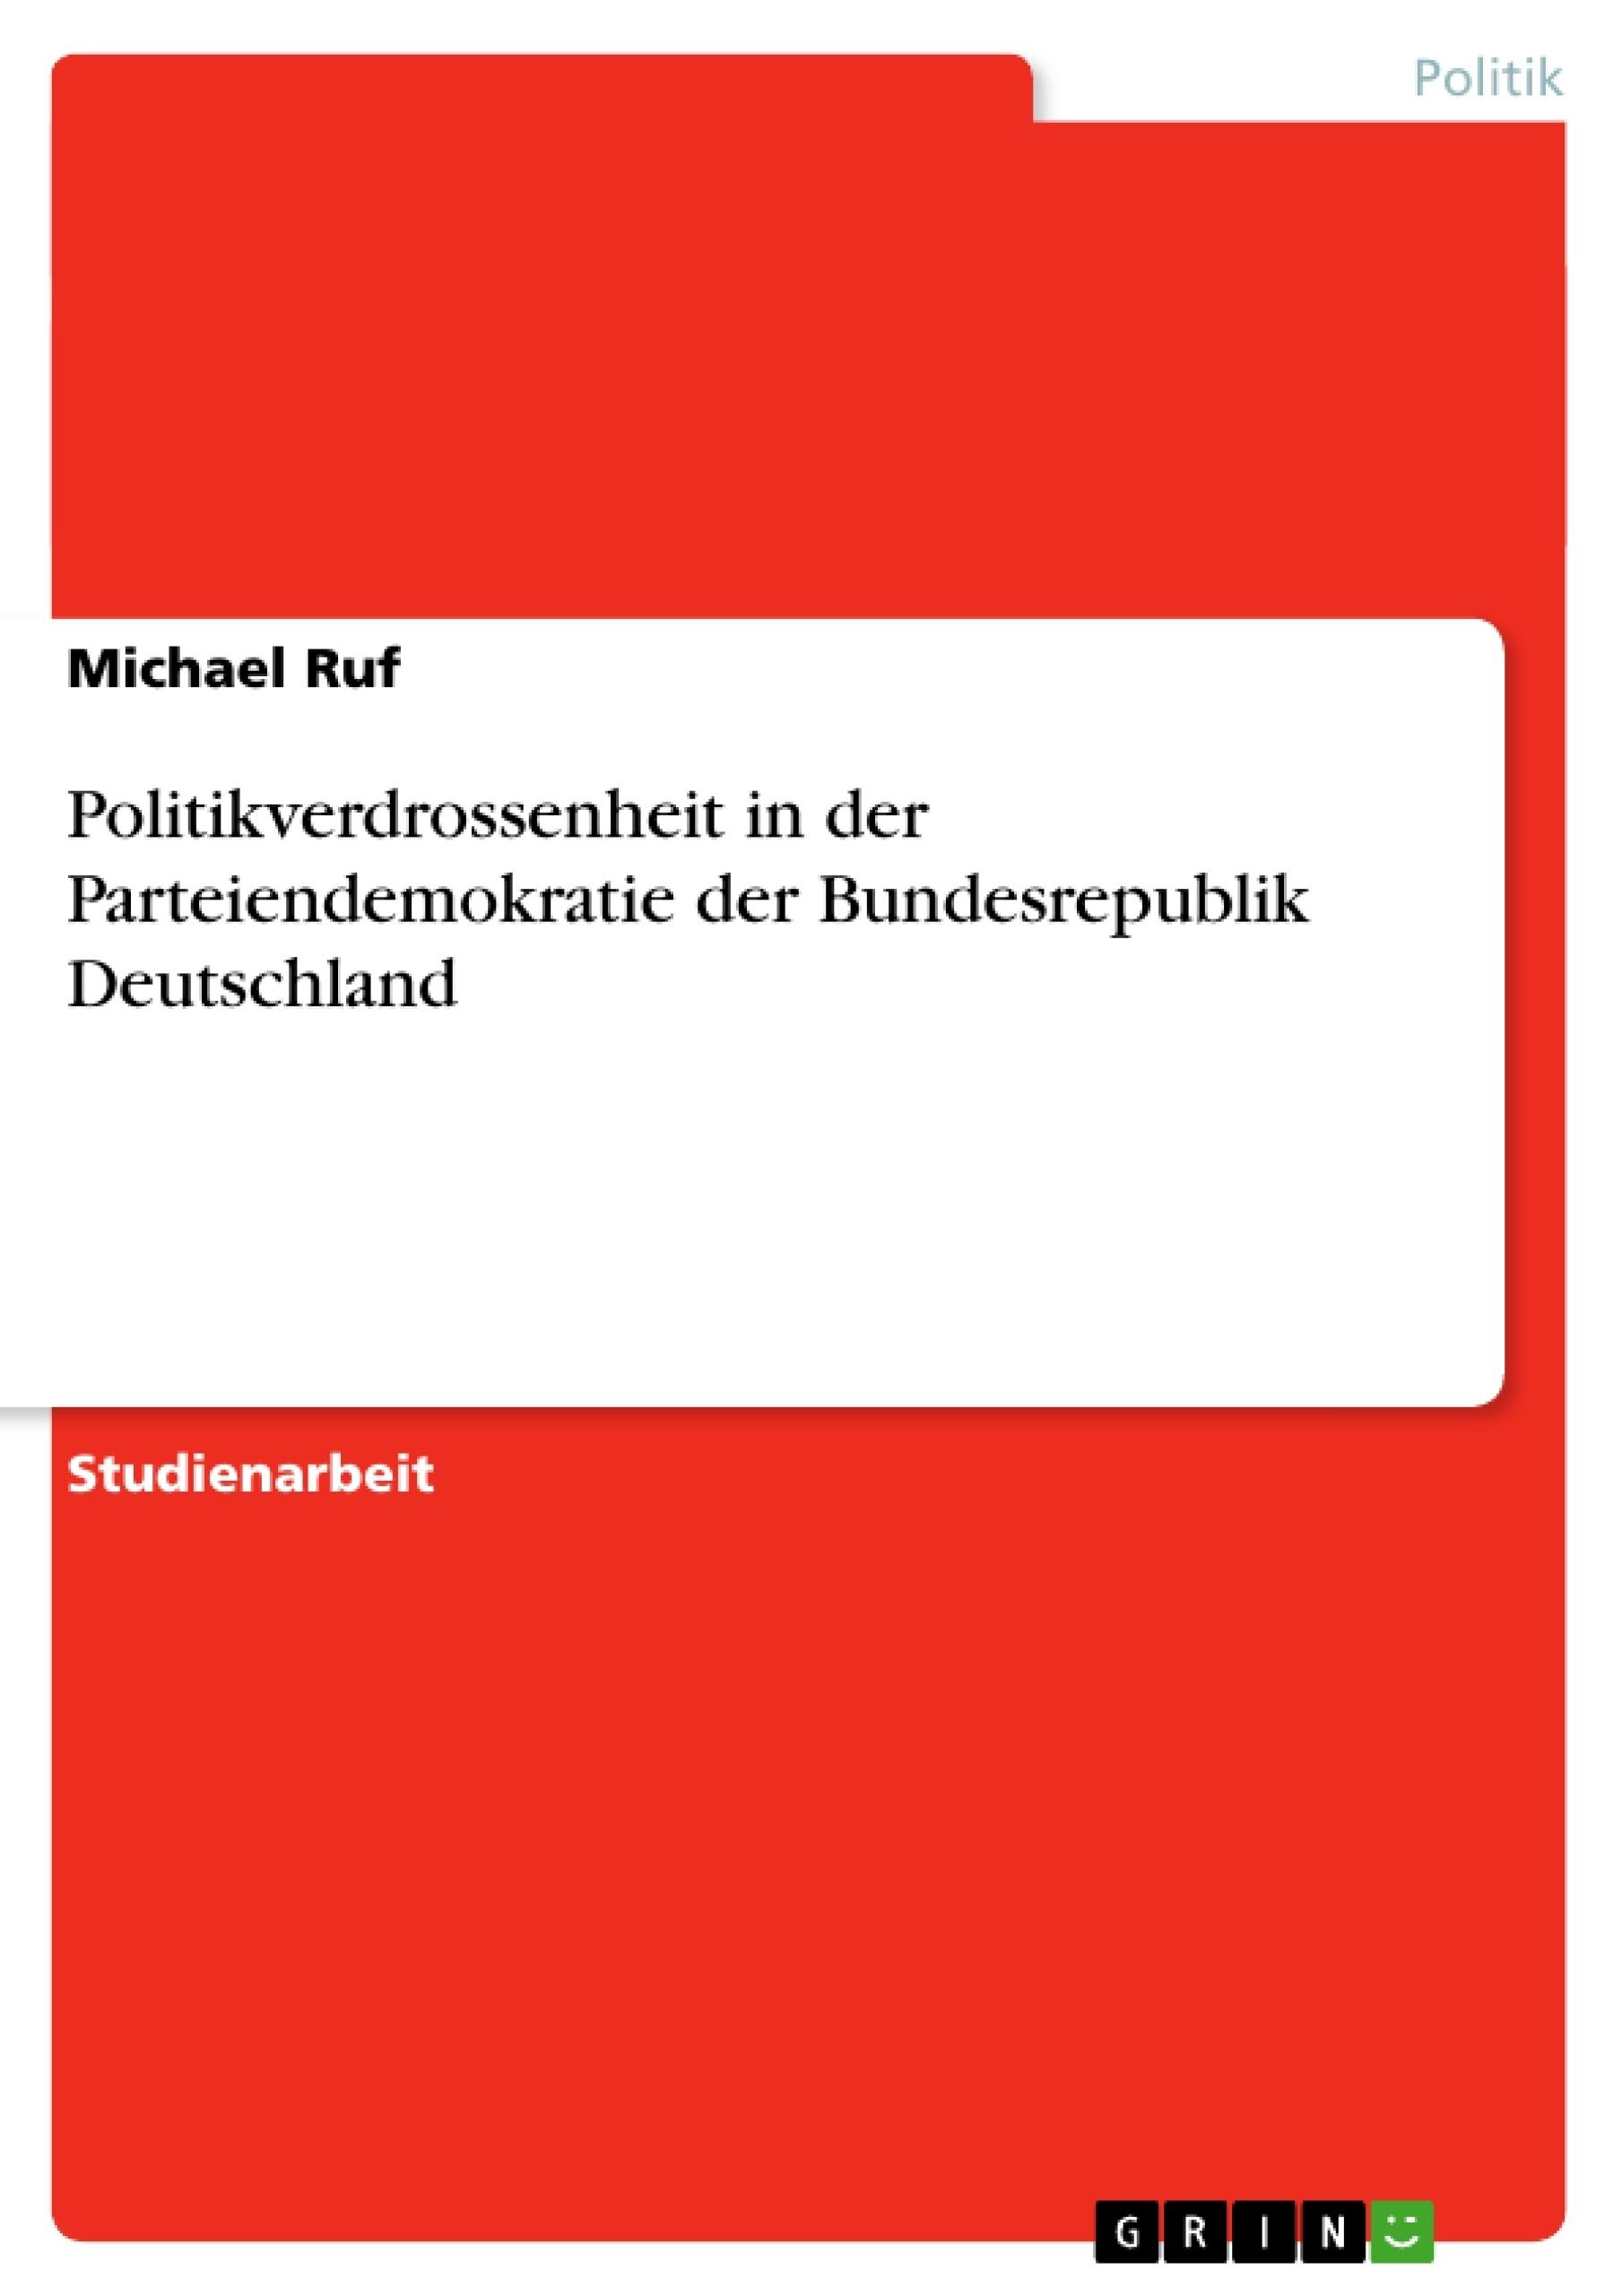 Titel: Politikverdrossenheit in der Parteiendemokratie der Bundesrepublik Deutschland